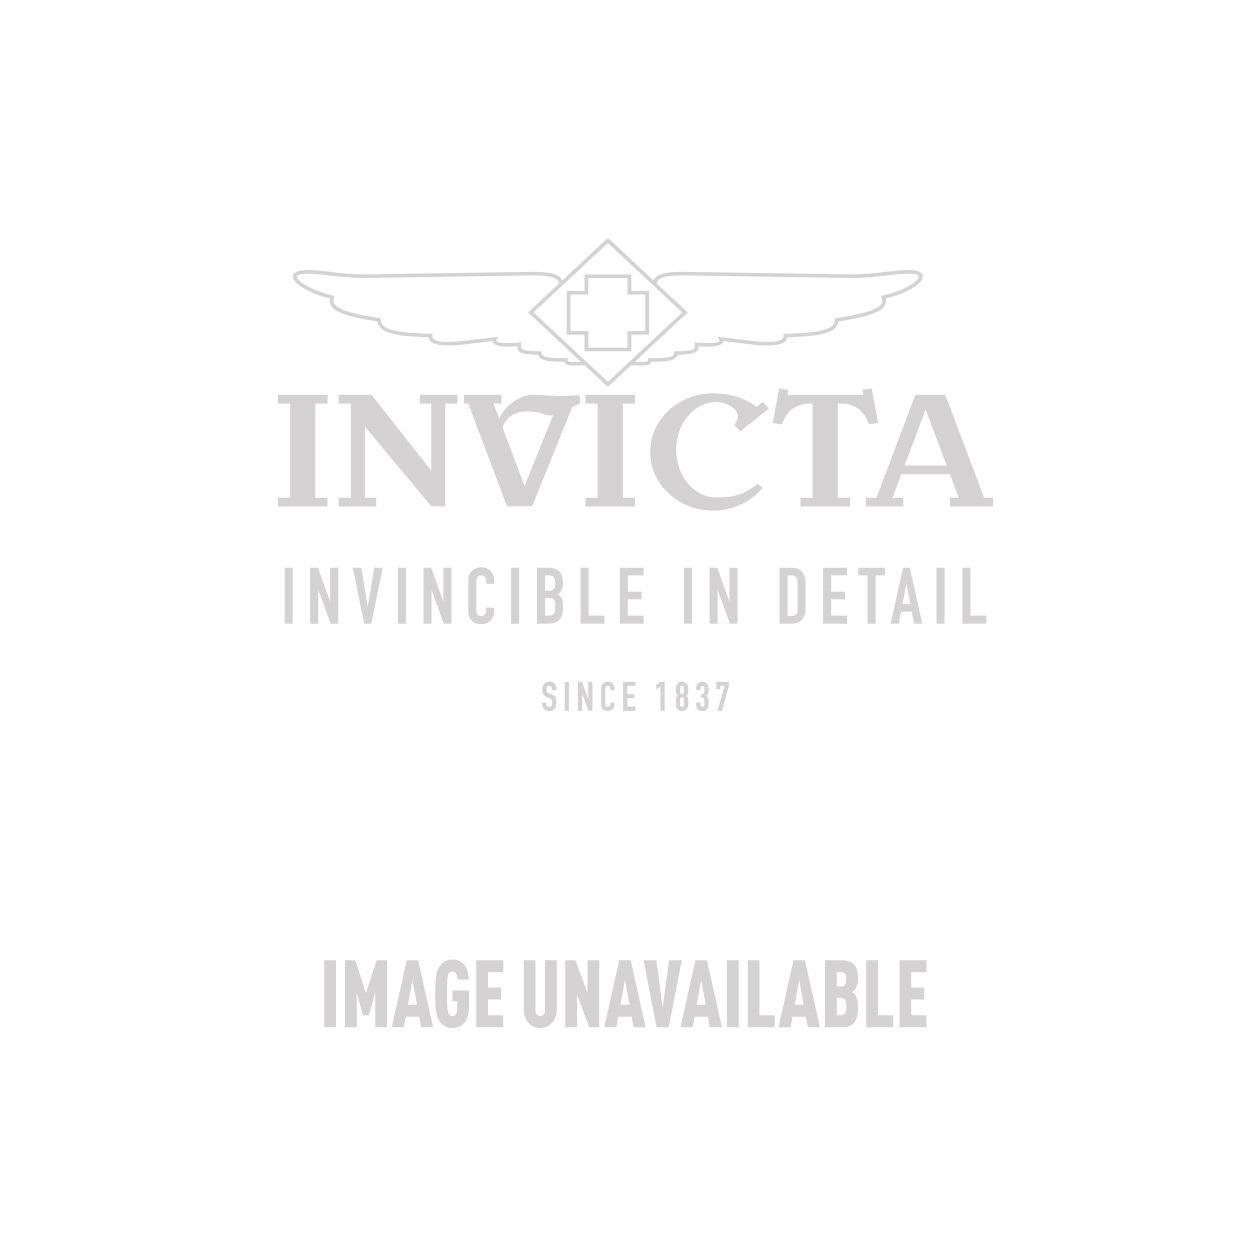 Invicta Model 28792